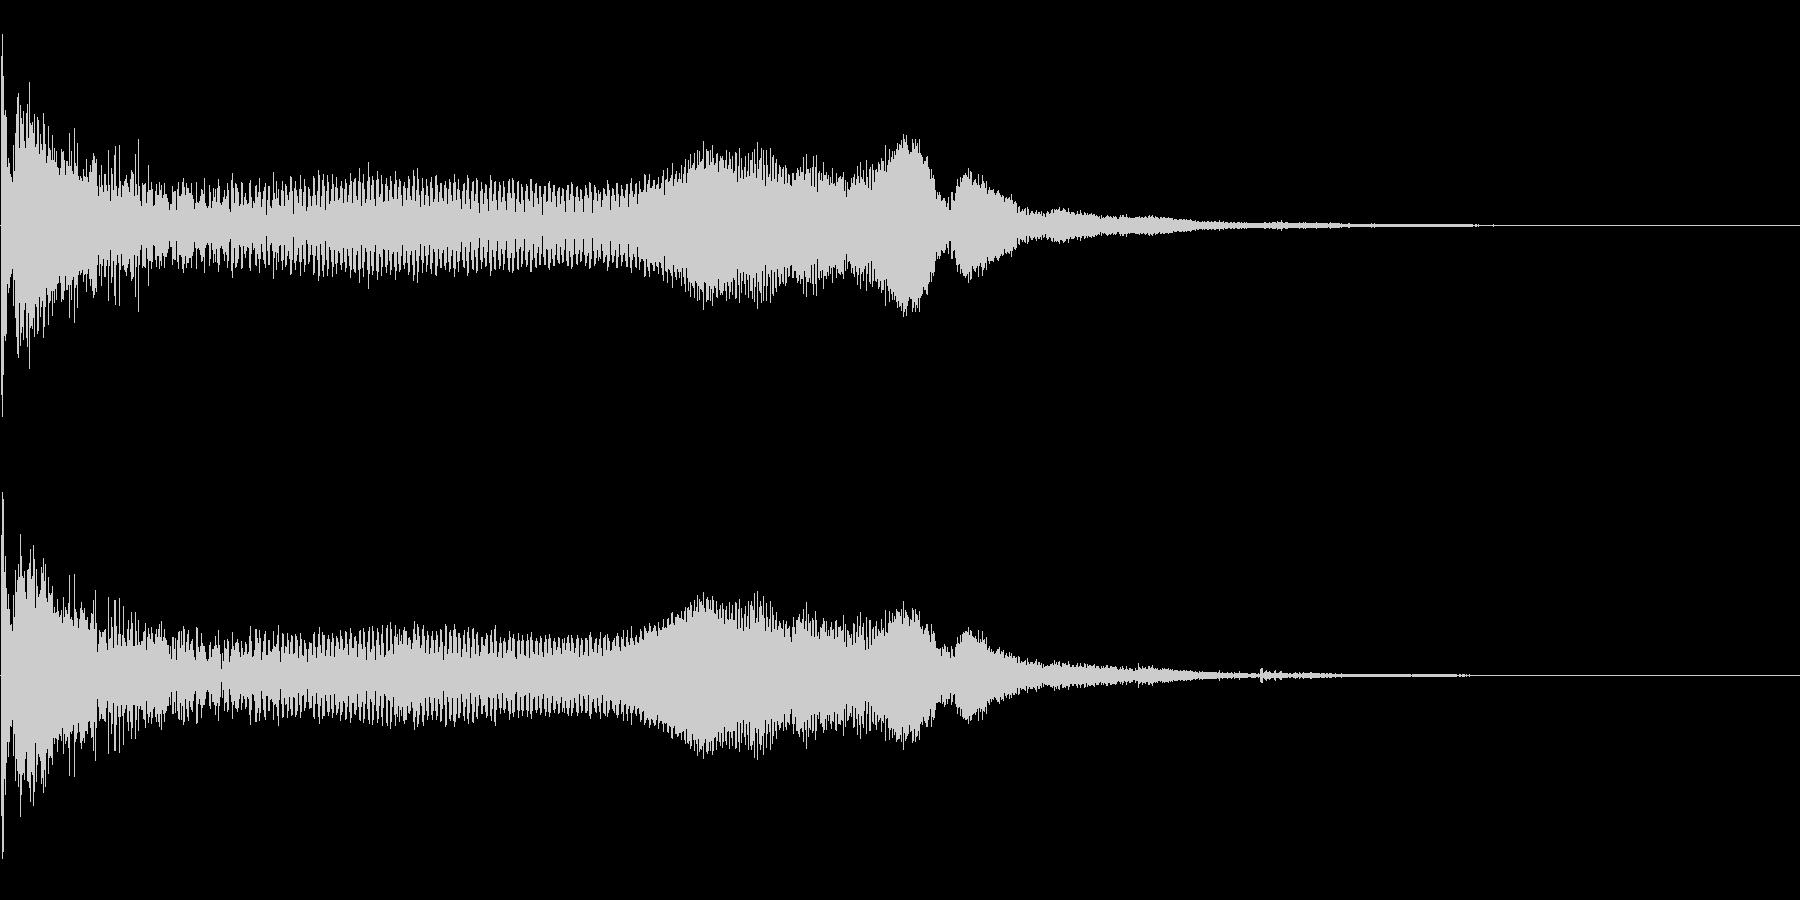 重い金属系 タイトルロゴ、アイキャッチ音の未再生の波形